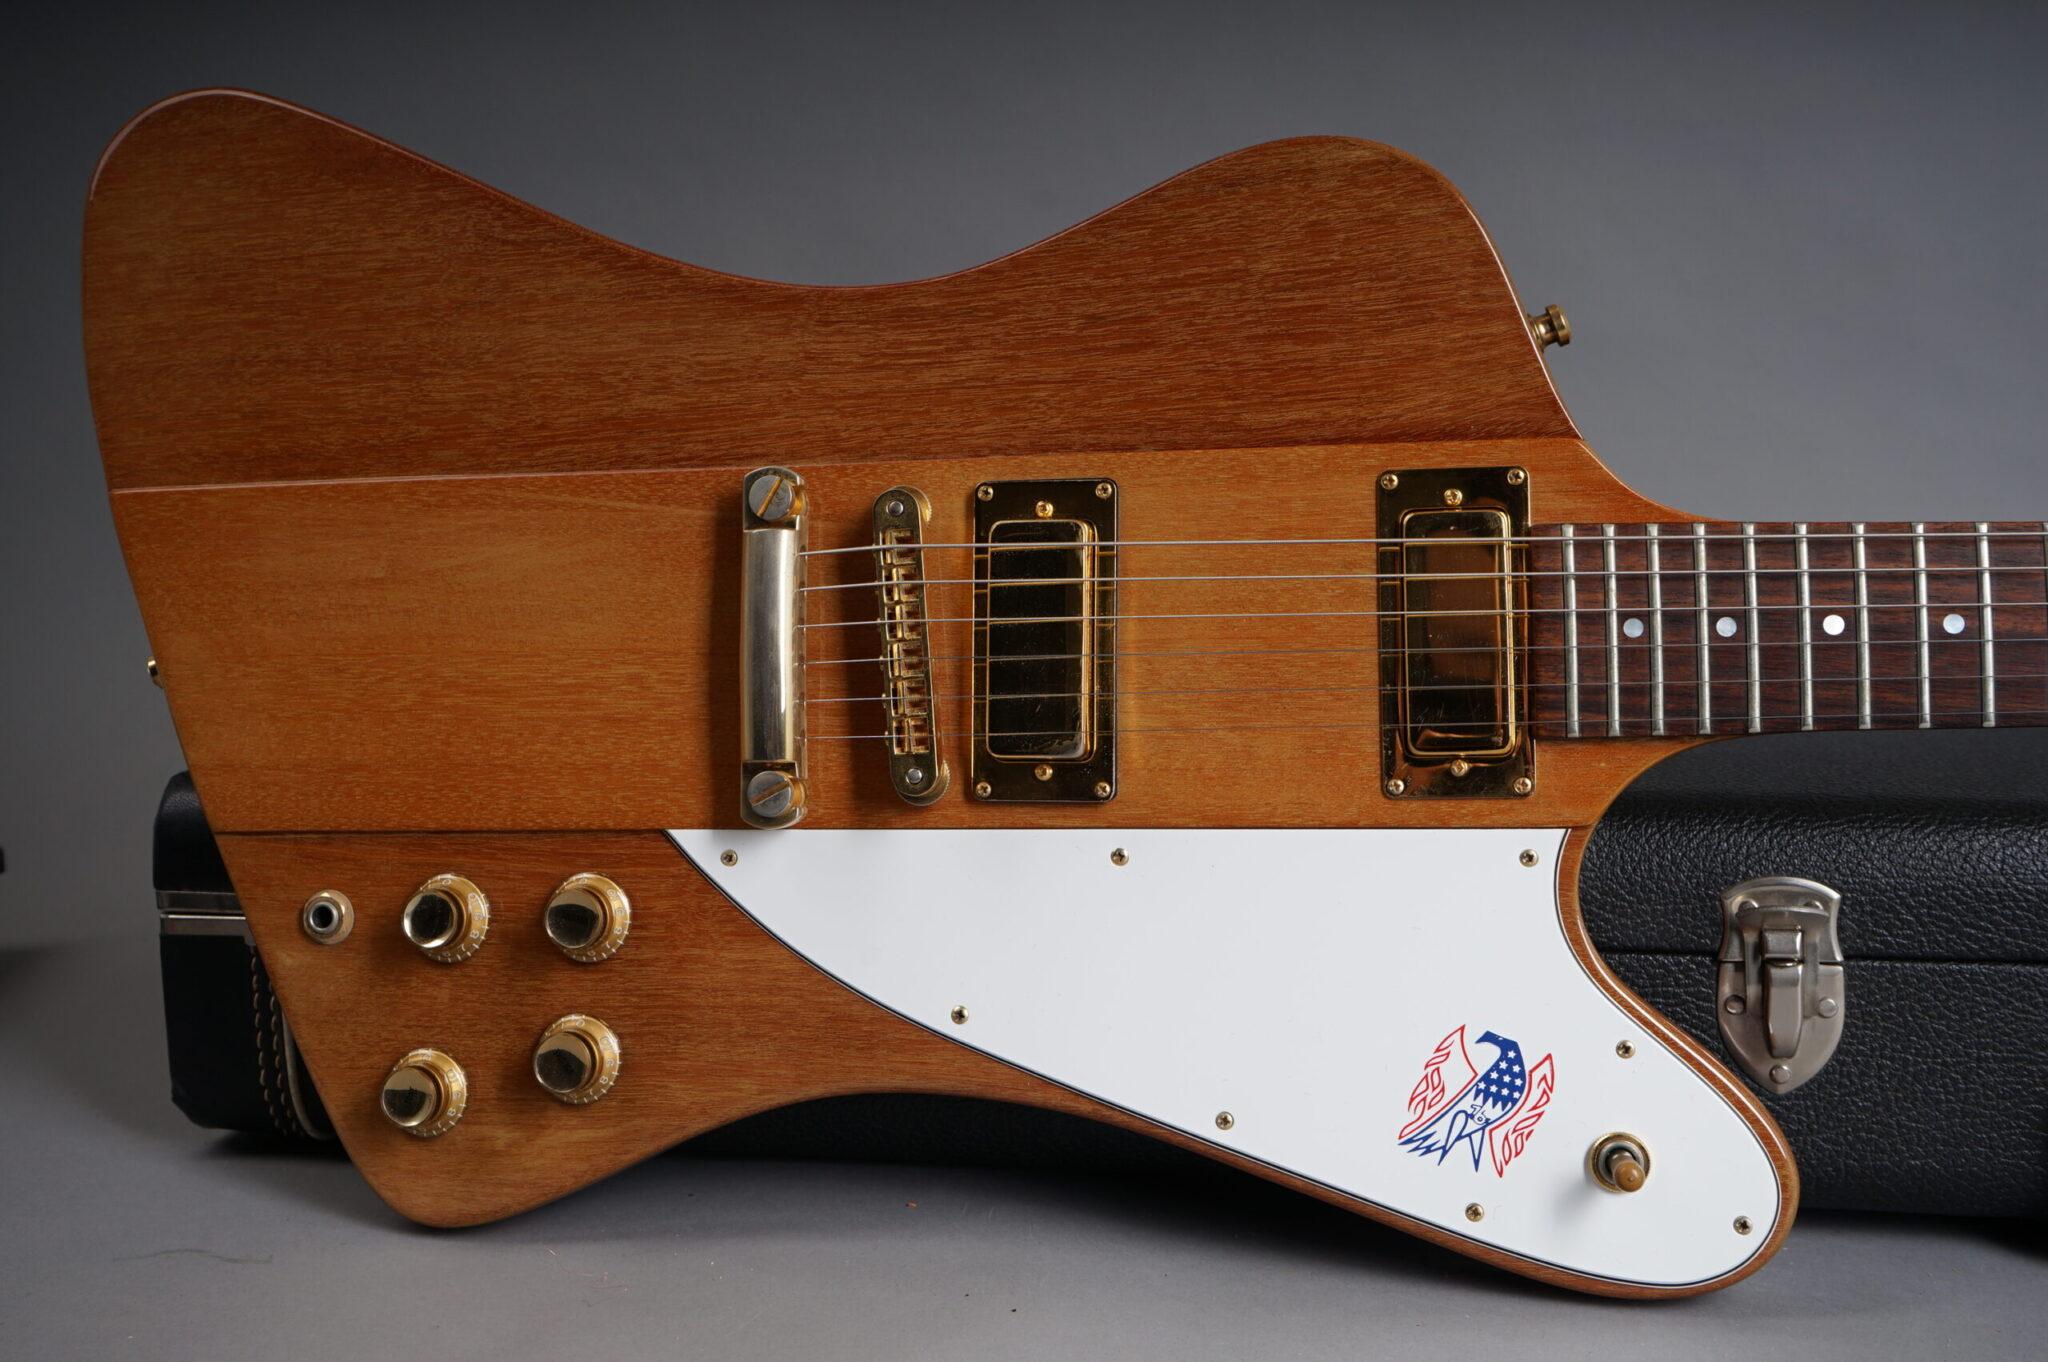 https://guitarpoint.de/app/uploads/products/1976-gibson-firebird-natural-mint/1976-Gibson-Firebird-Natural-00247329-9-scaled-2048x1362.jpg